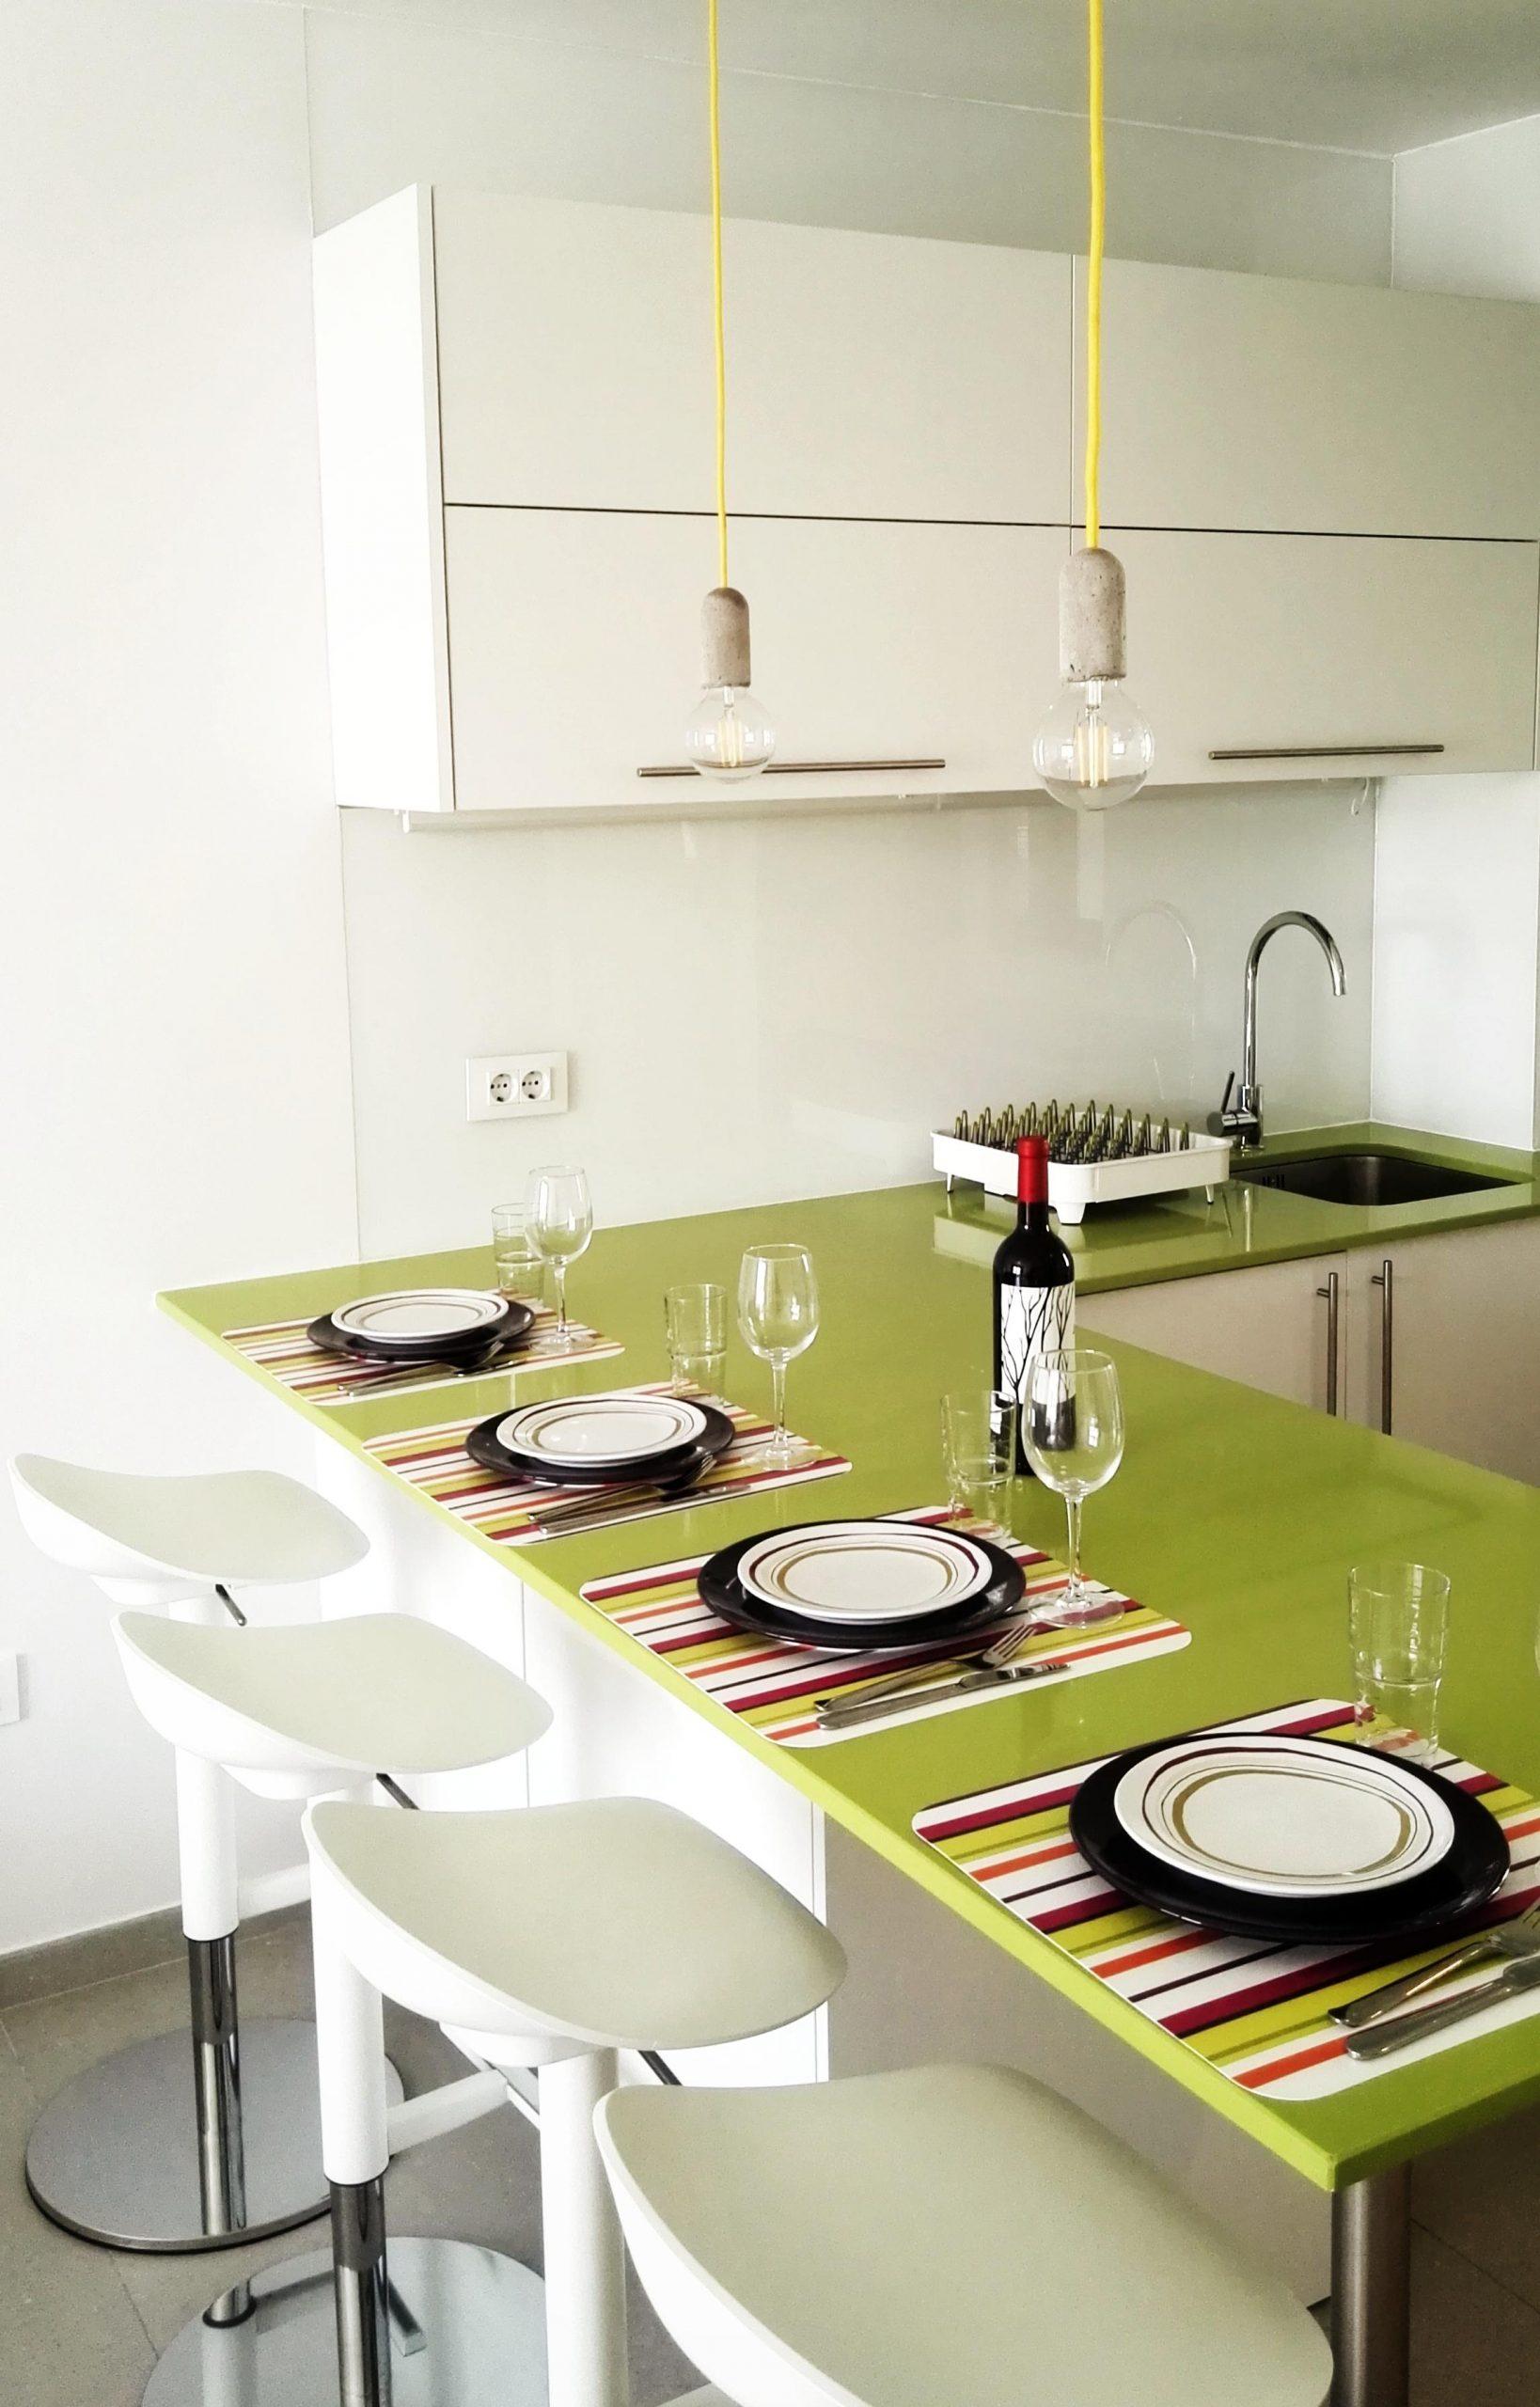 Full Size of Küche Einrichten Ohne Einbauküche Küche Einrichten Mit Wenig Geld Minimalistische Küche Einrichten Dunkle Küche Einrichten Küche Küche Einrichten